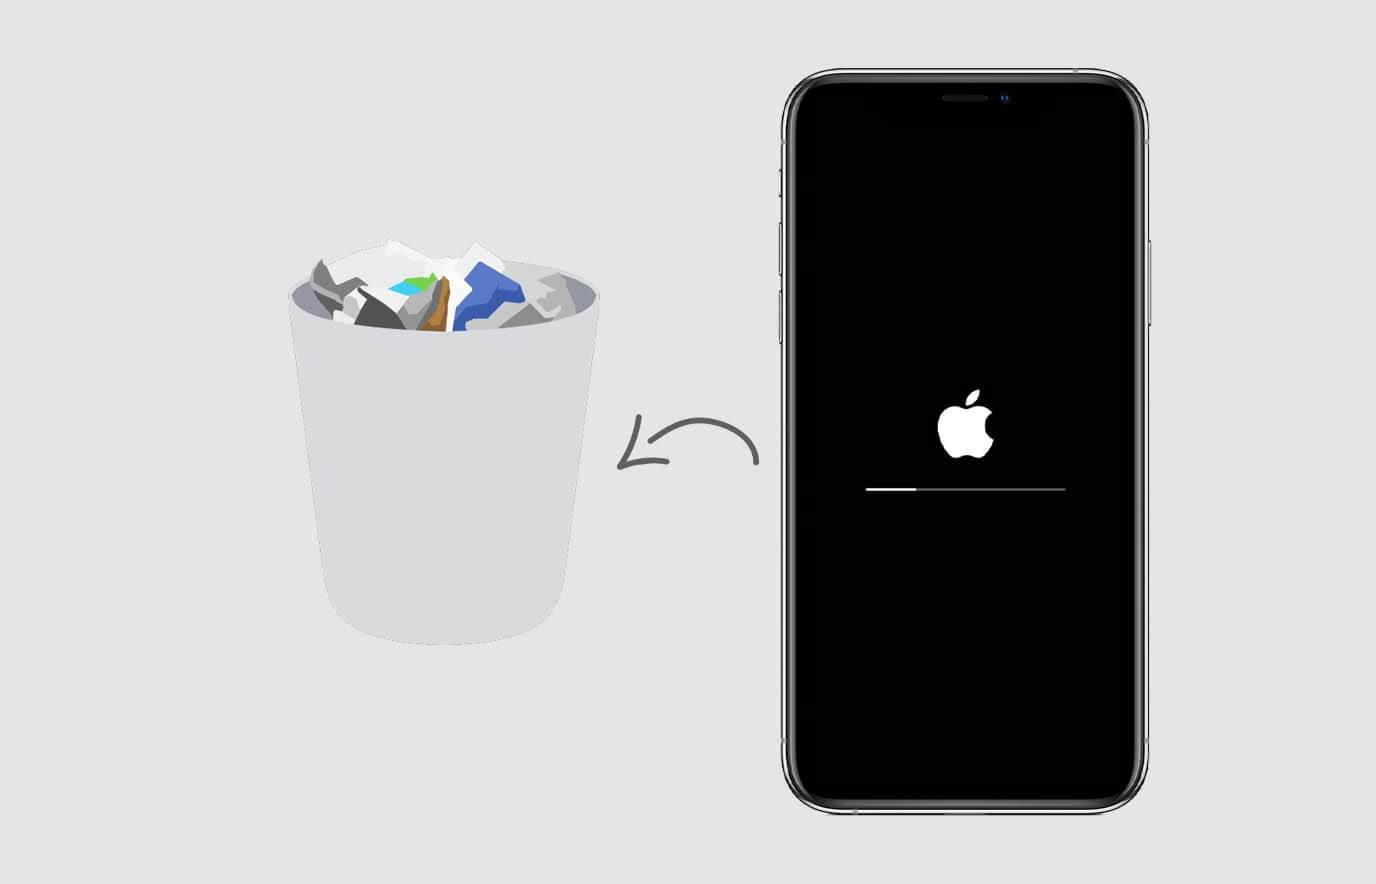 iPhone leegmaken voor verkoop, zó doe je dat